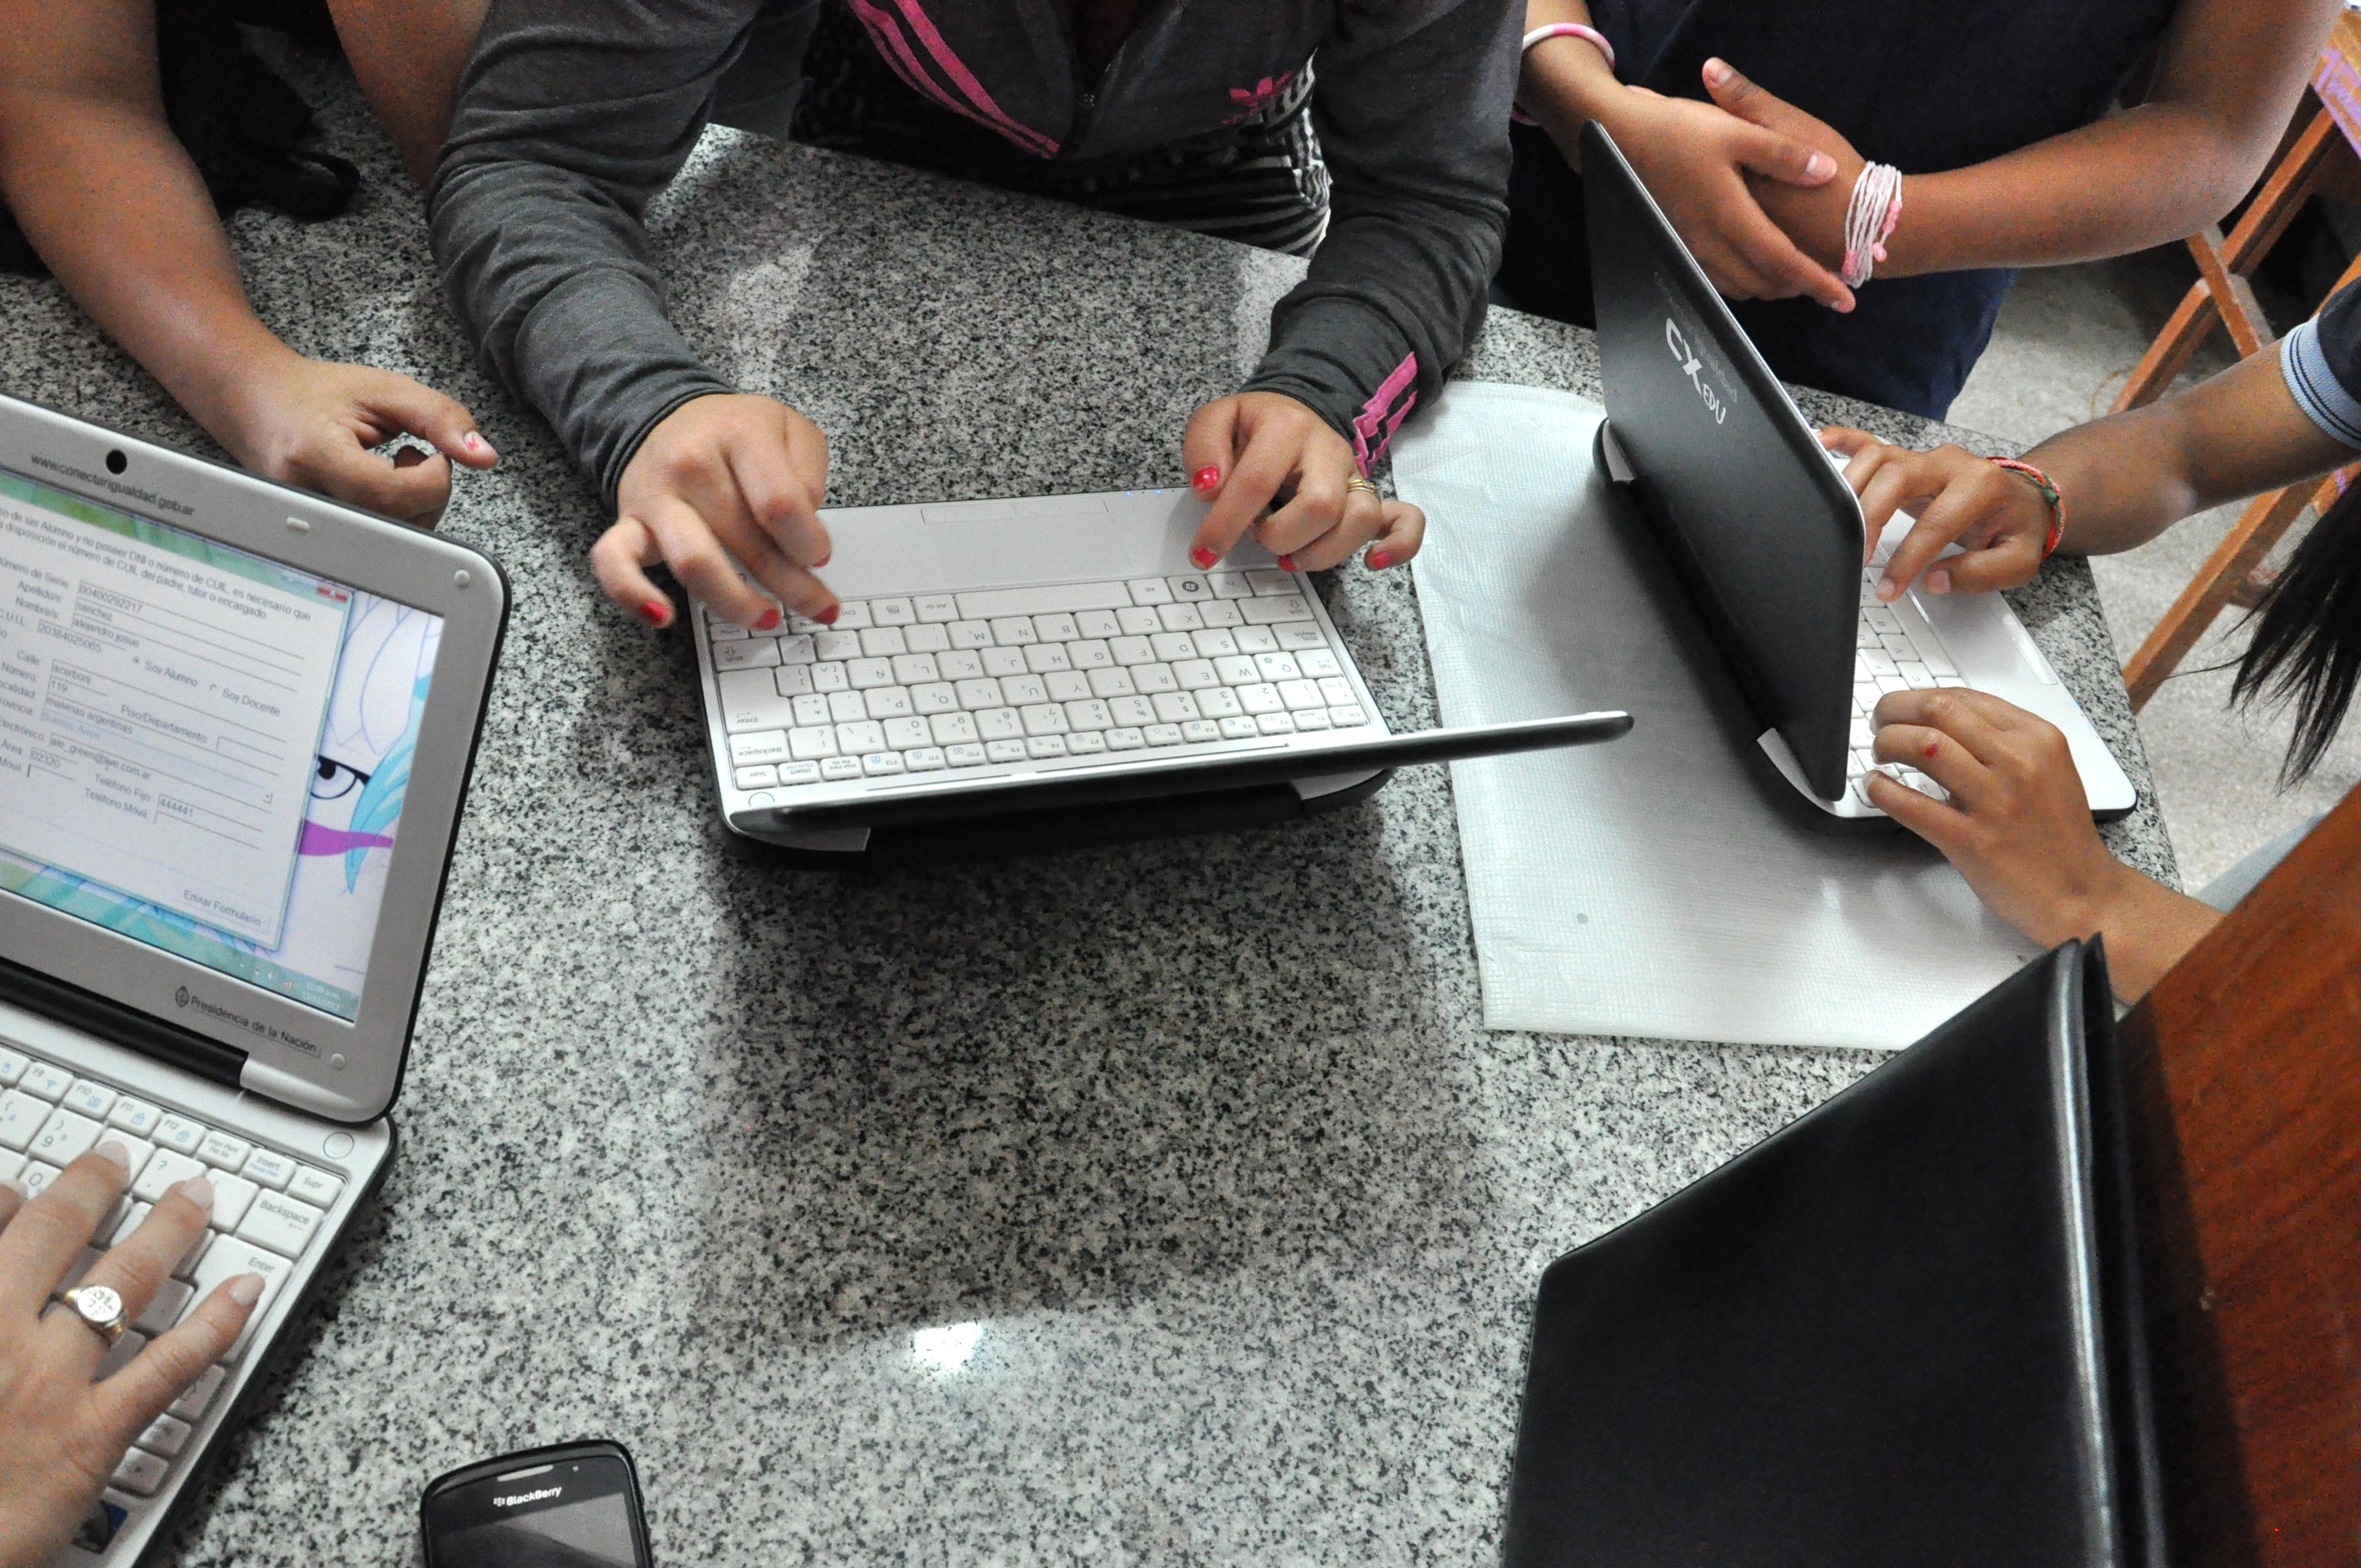 Ayudando a las organizaciones educativas a ir hacia la digitalización